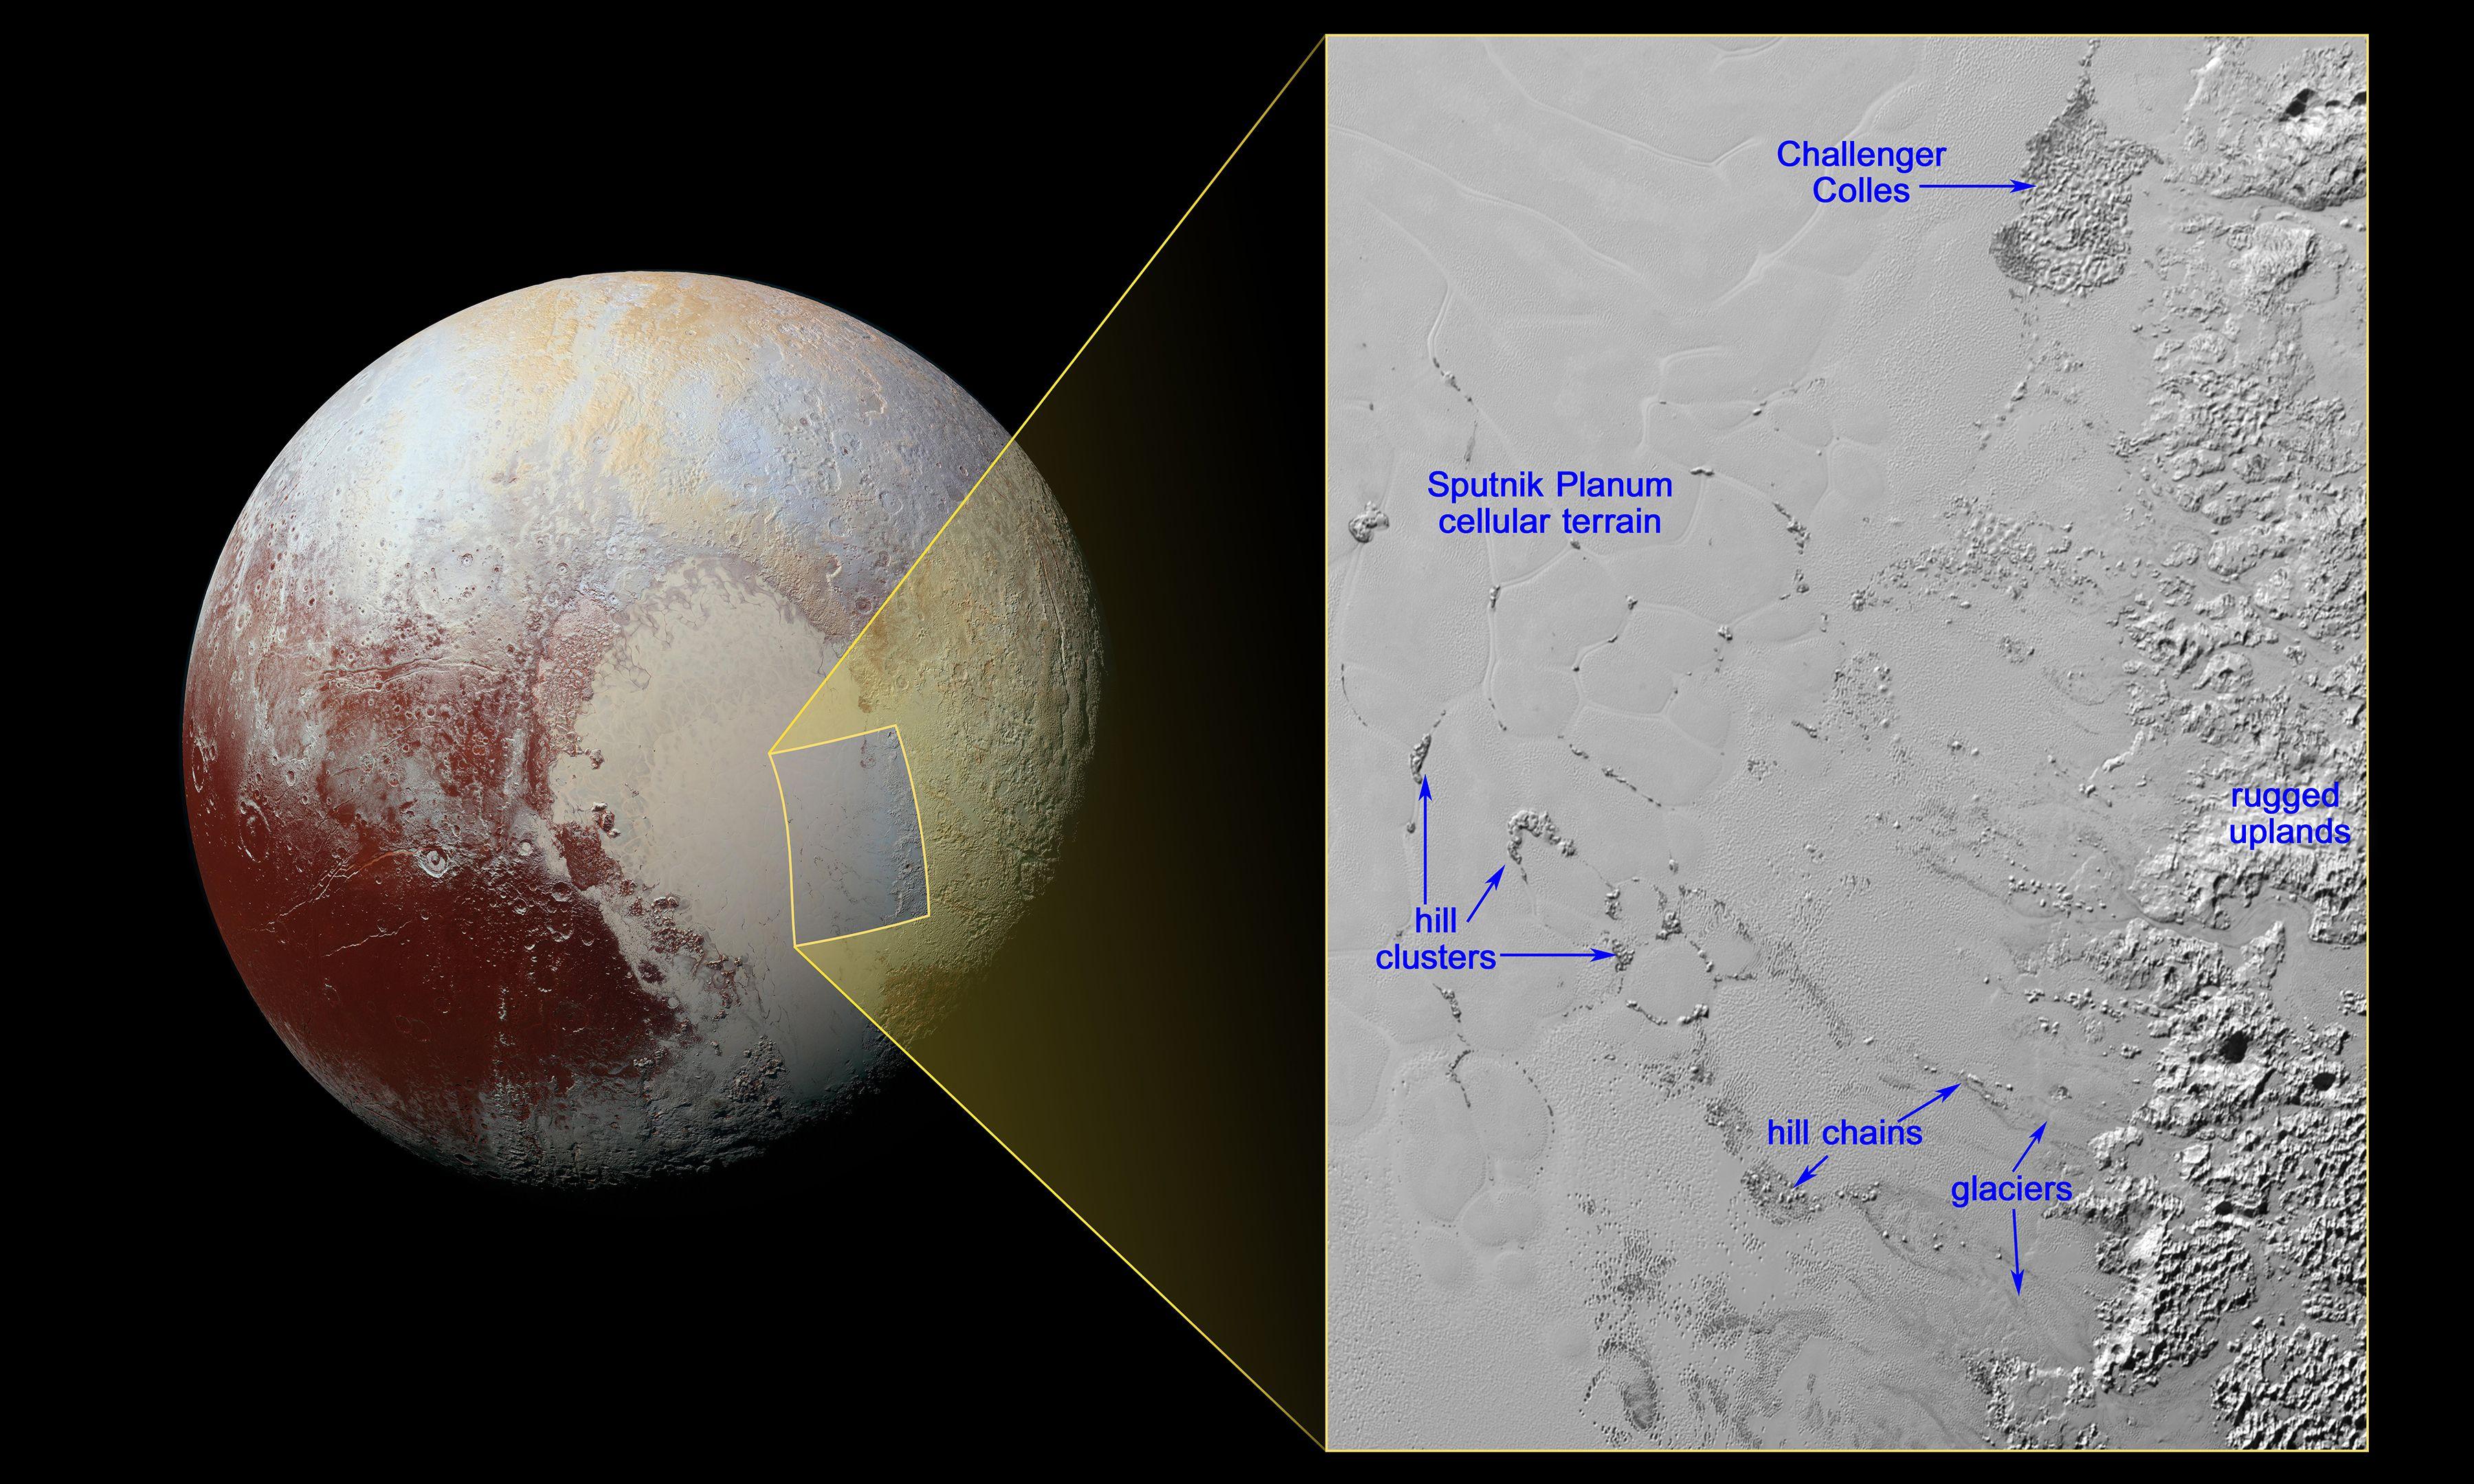 Colinas de Hielo en Plutón